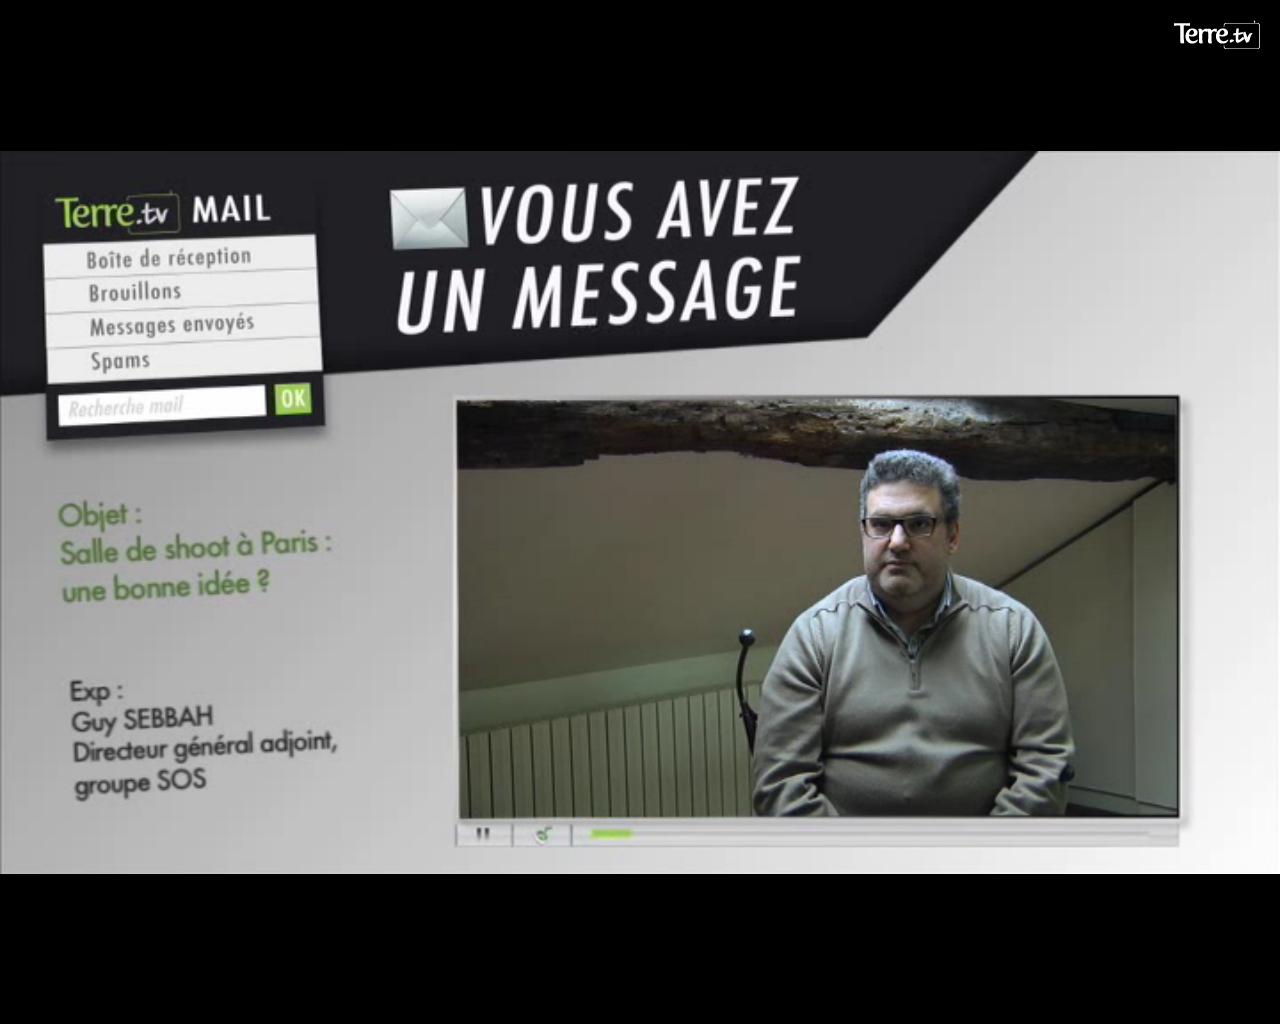 Salle de shoot à Paris : une bonne idée ?